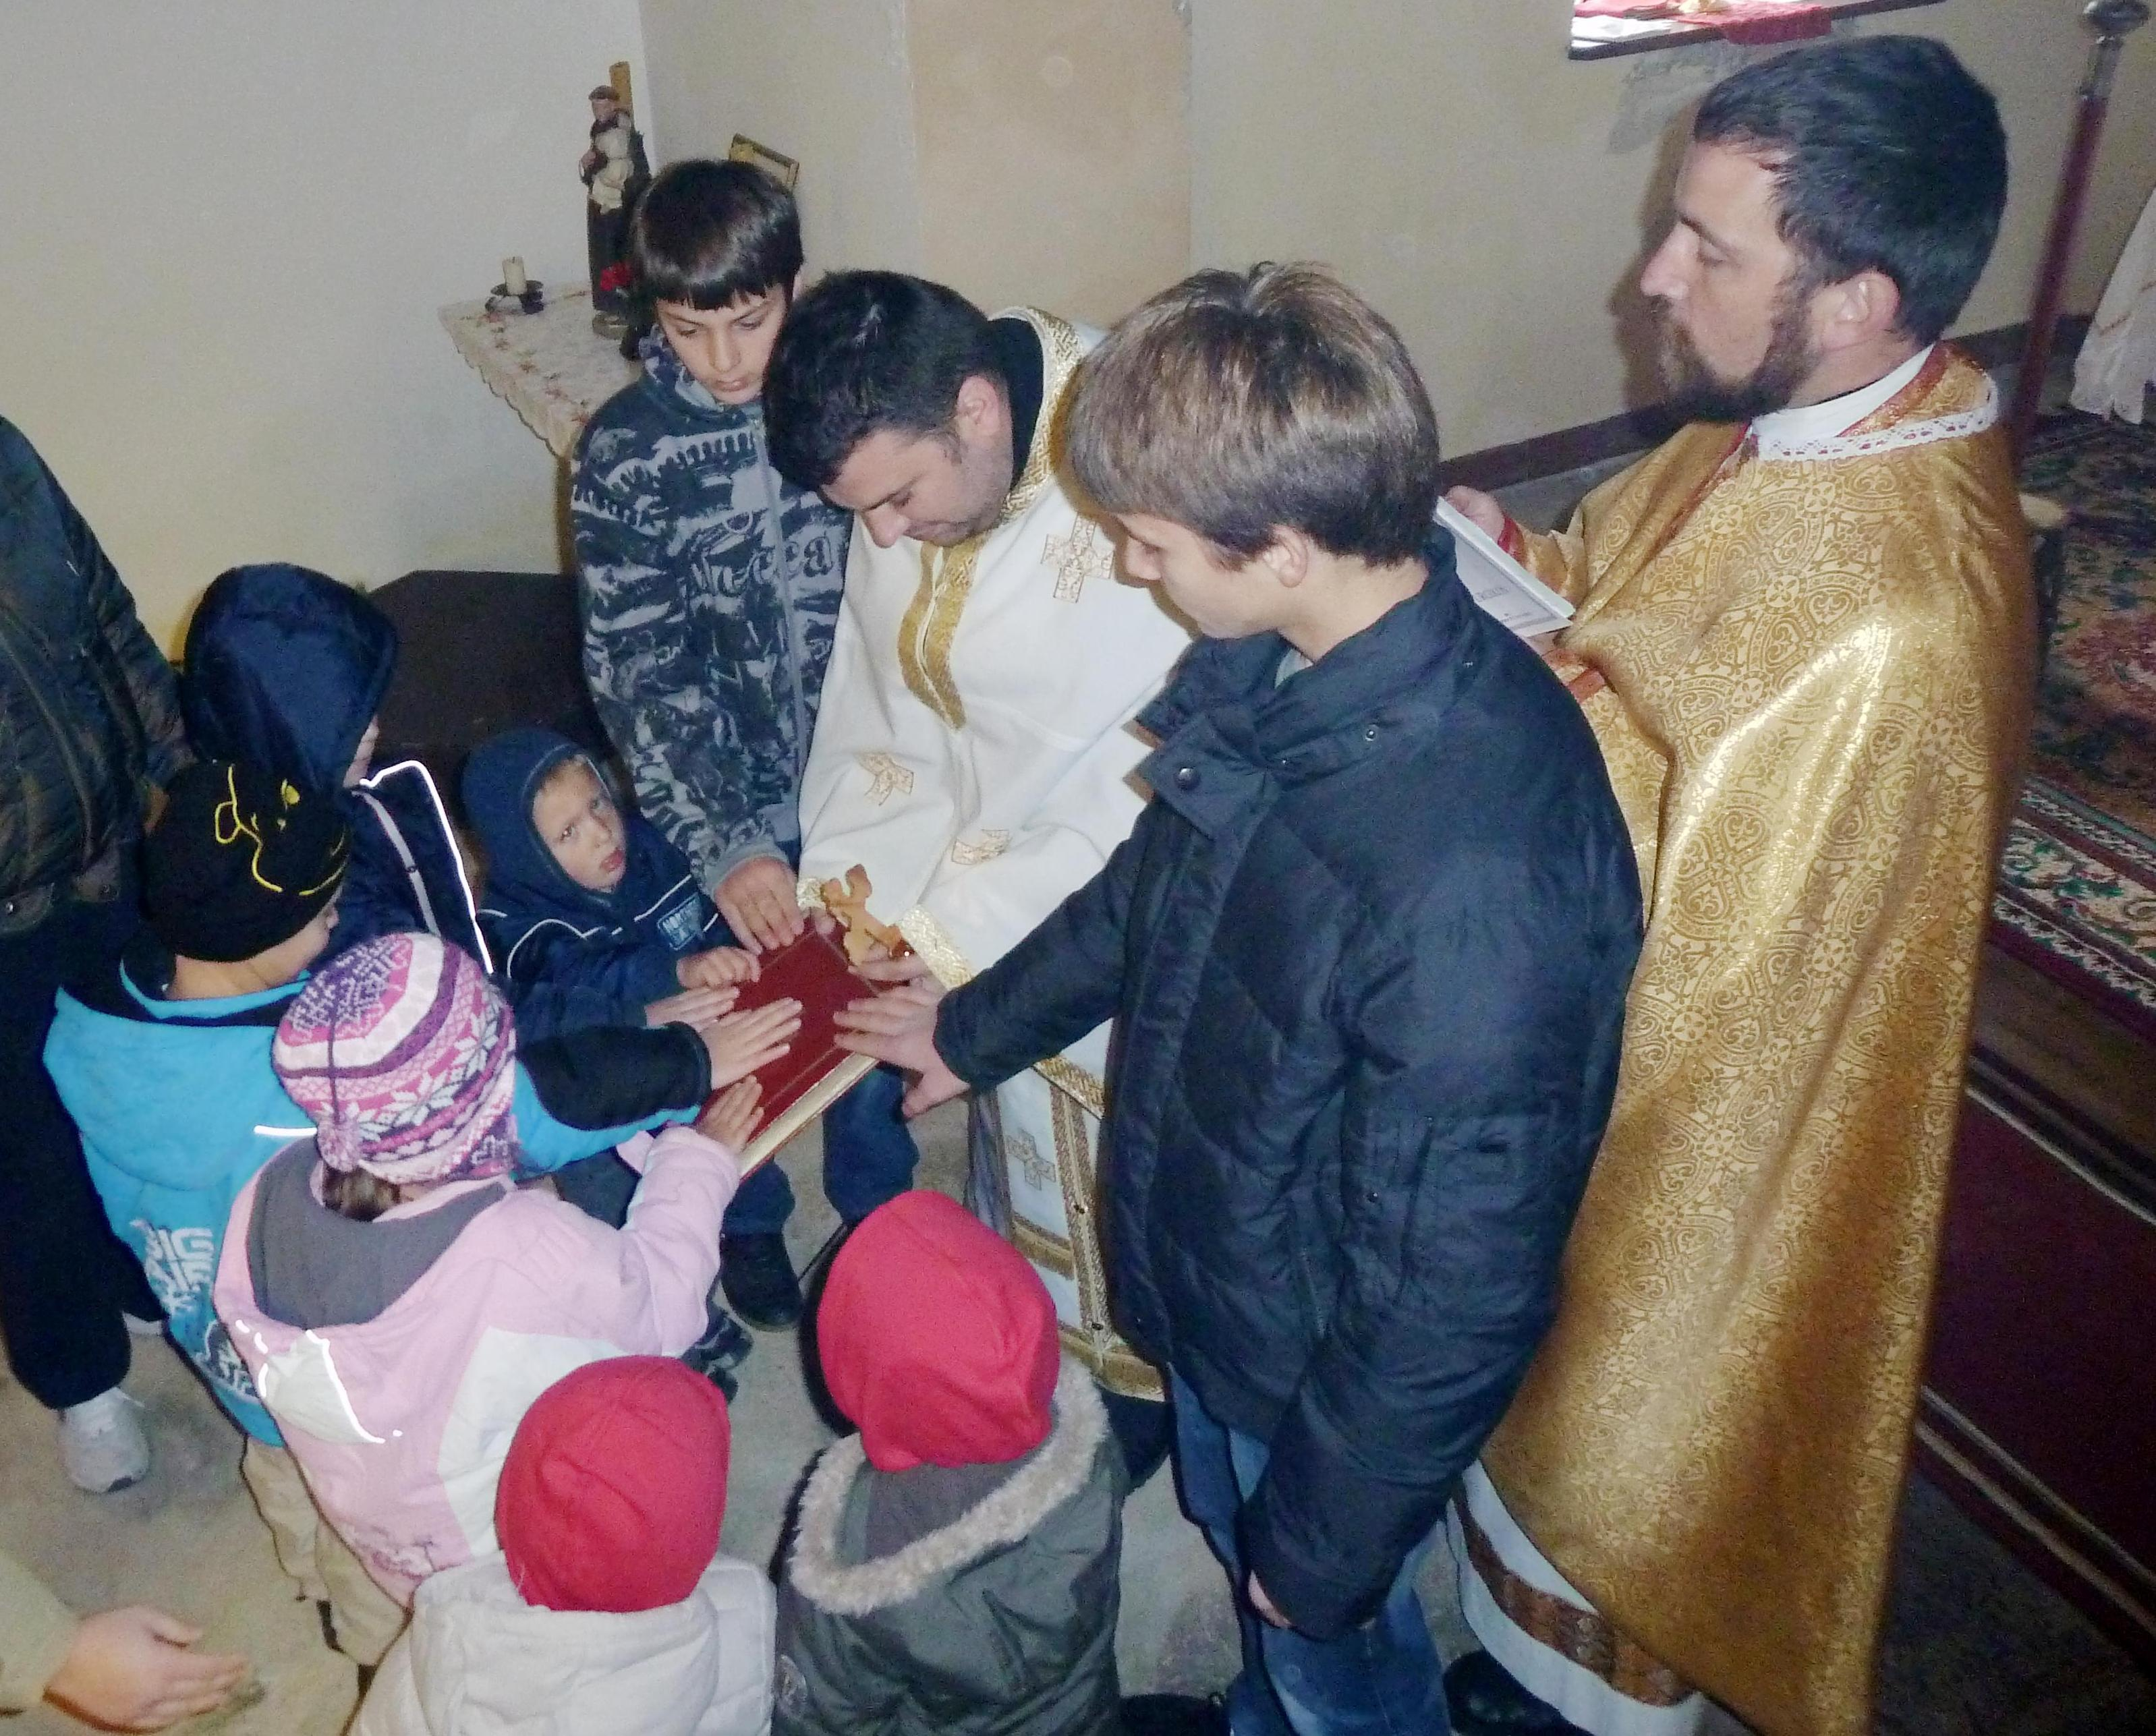 Roditelji dovodite djecu na grkokatolički župni vjeronauk